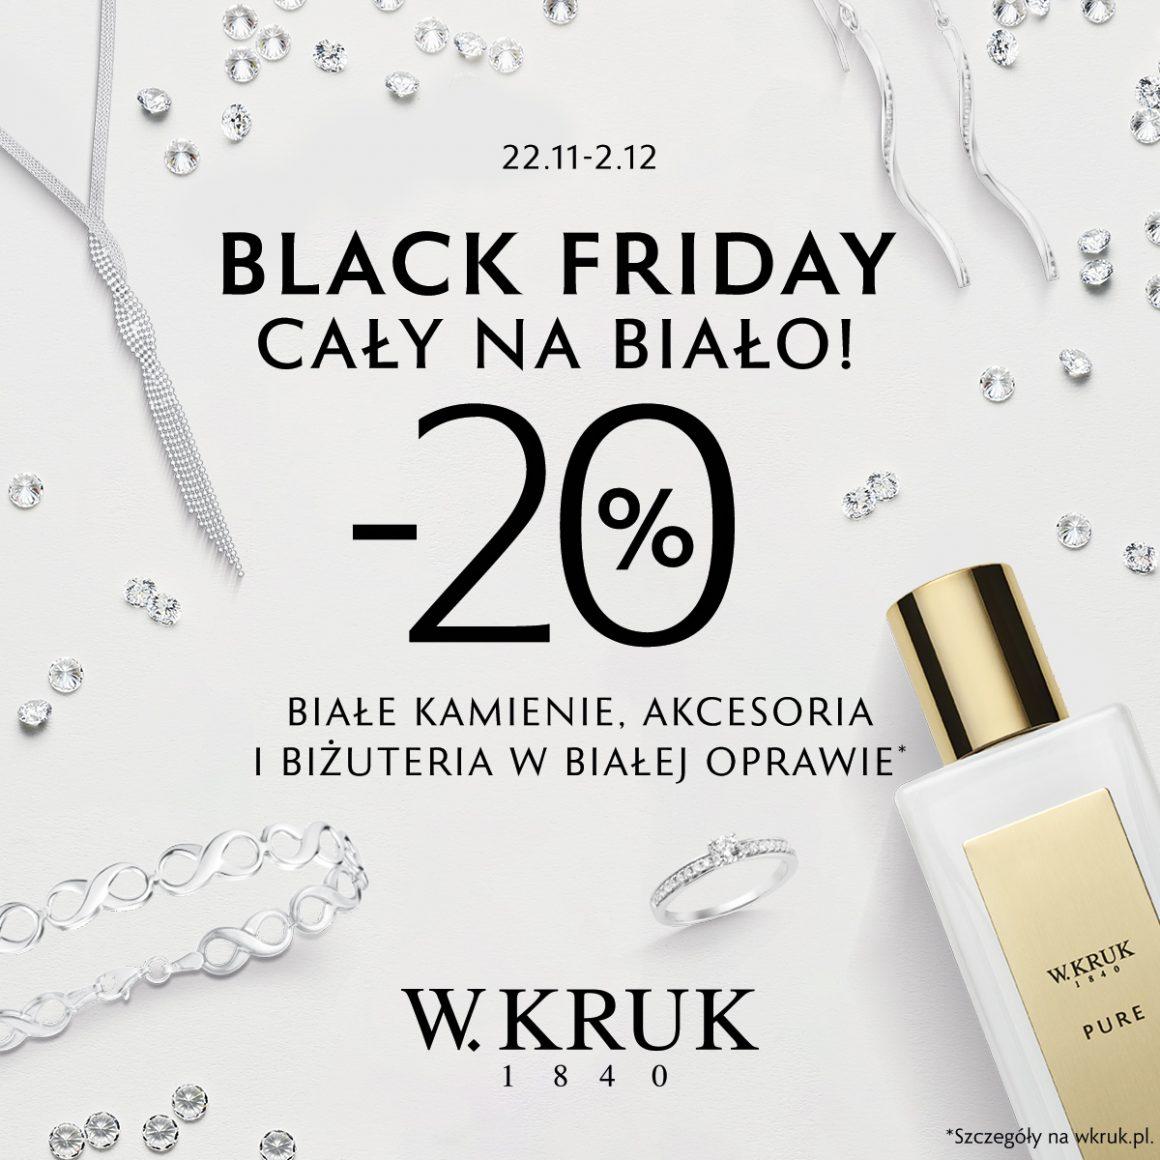 Black Friday W.KRUK